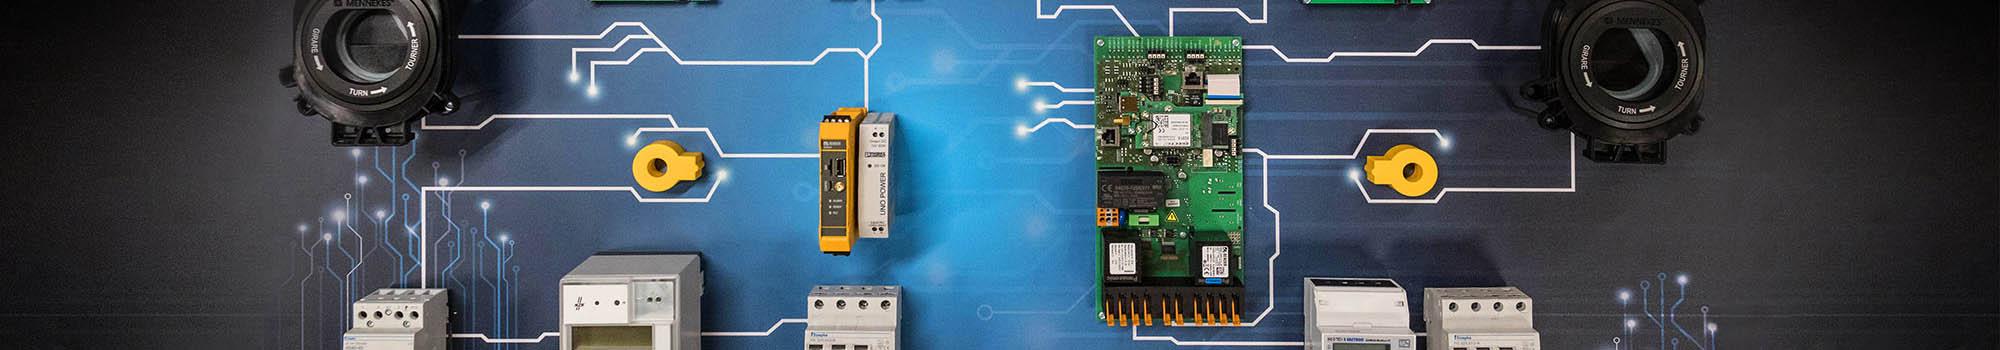 Ladetechnologie für Elektro- und Hybridfahrzeuge